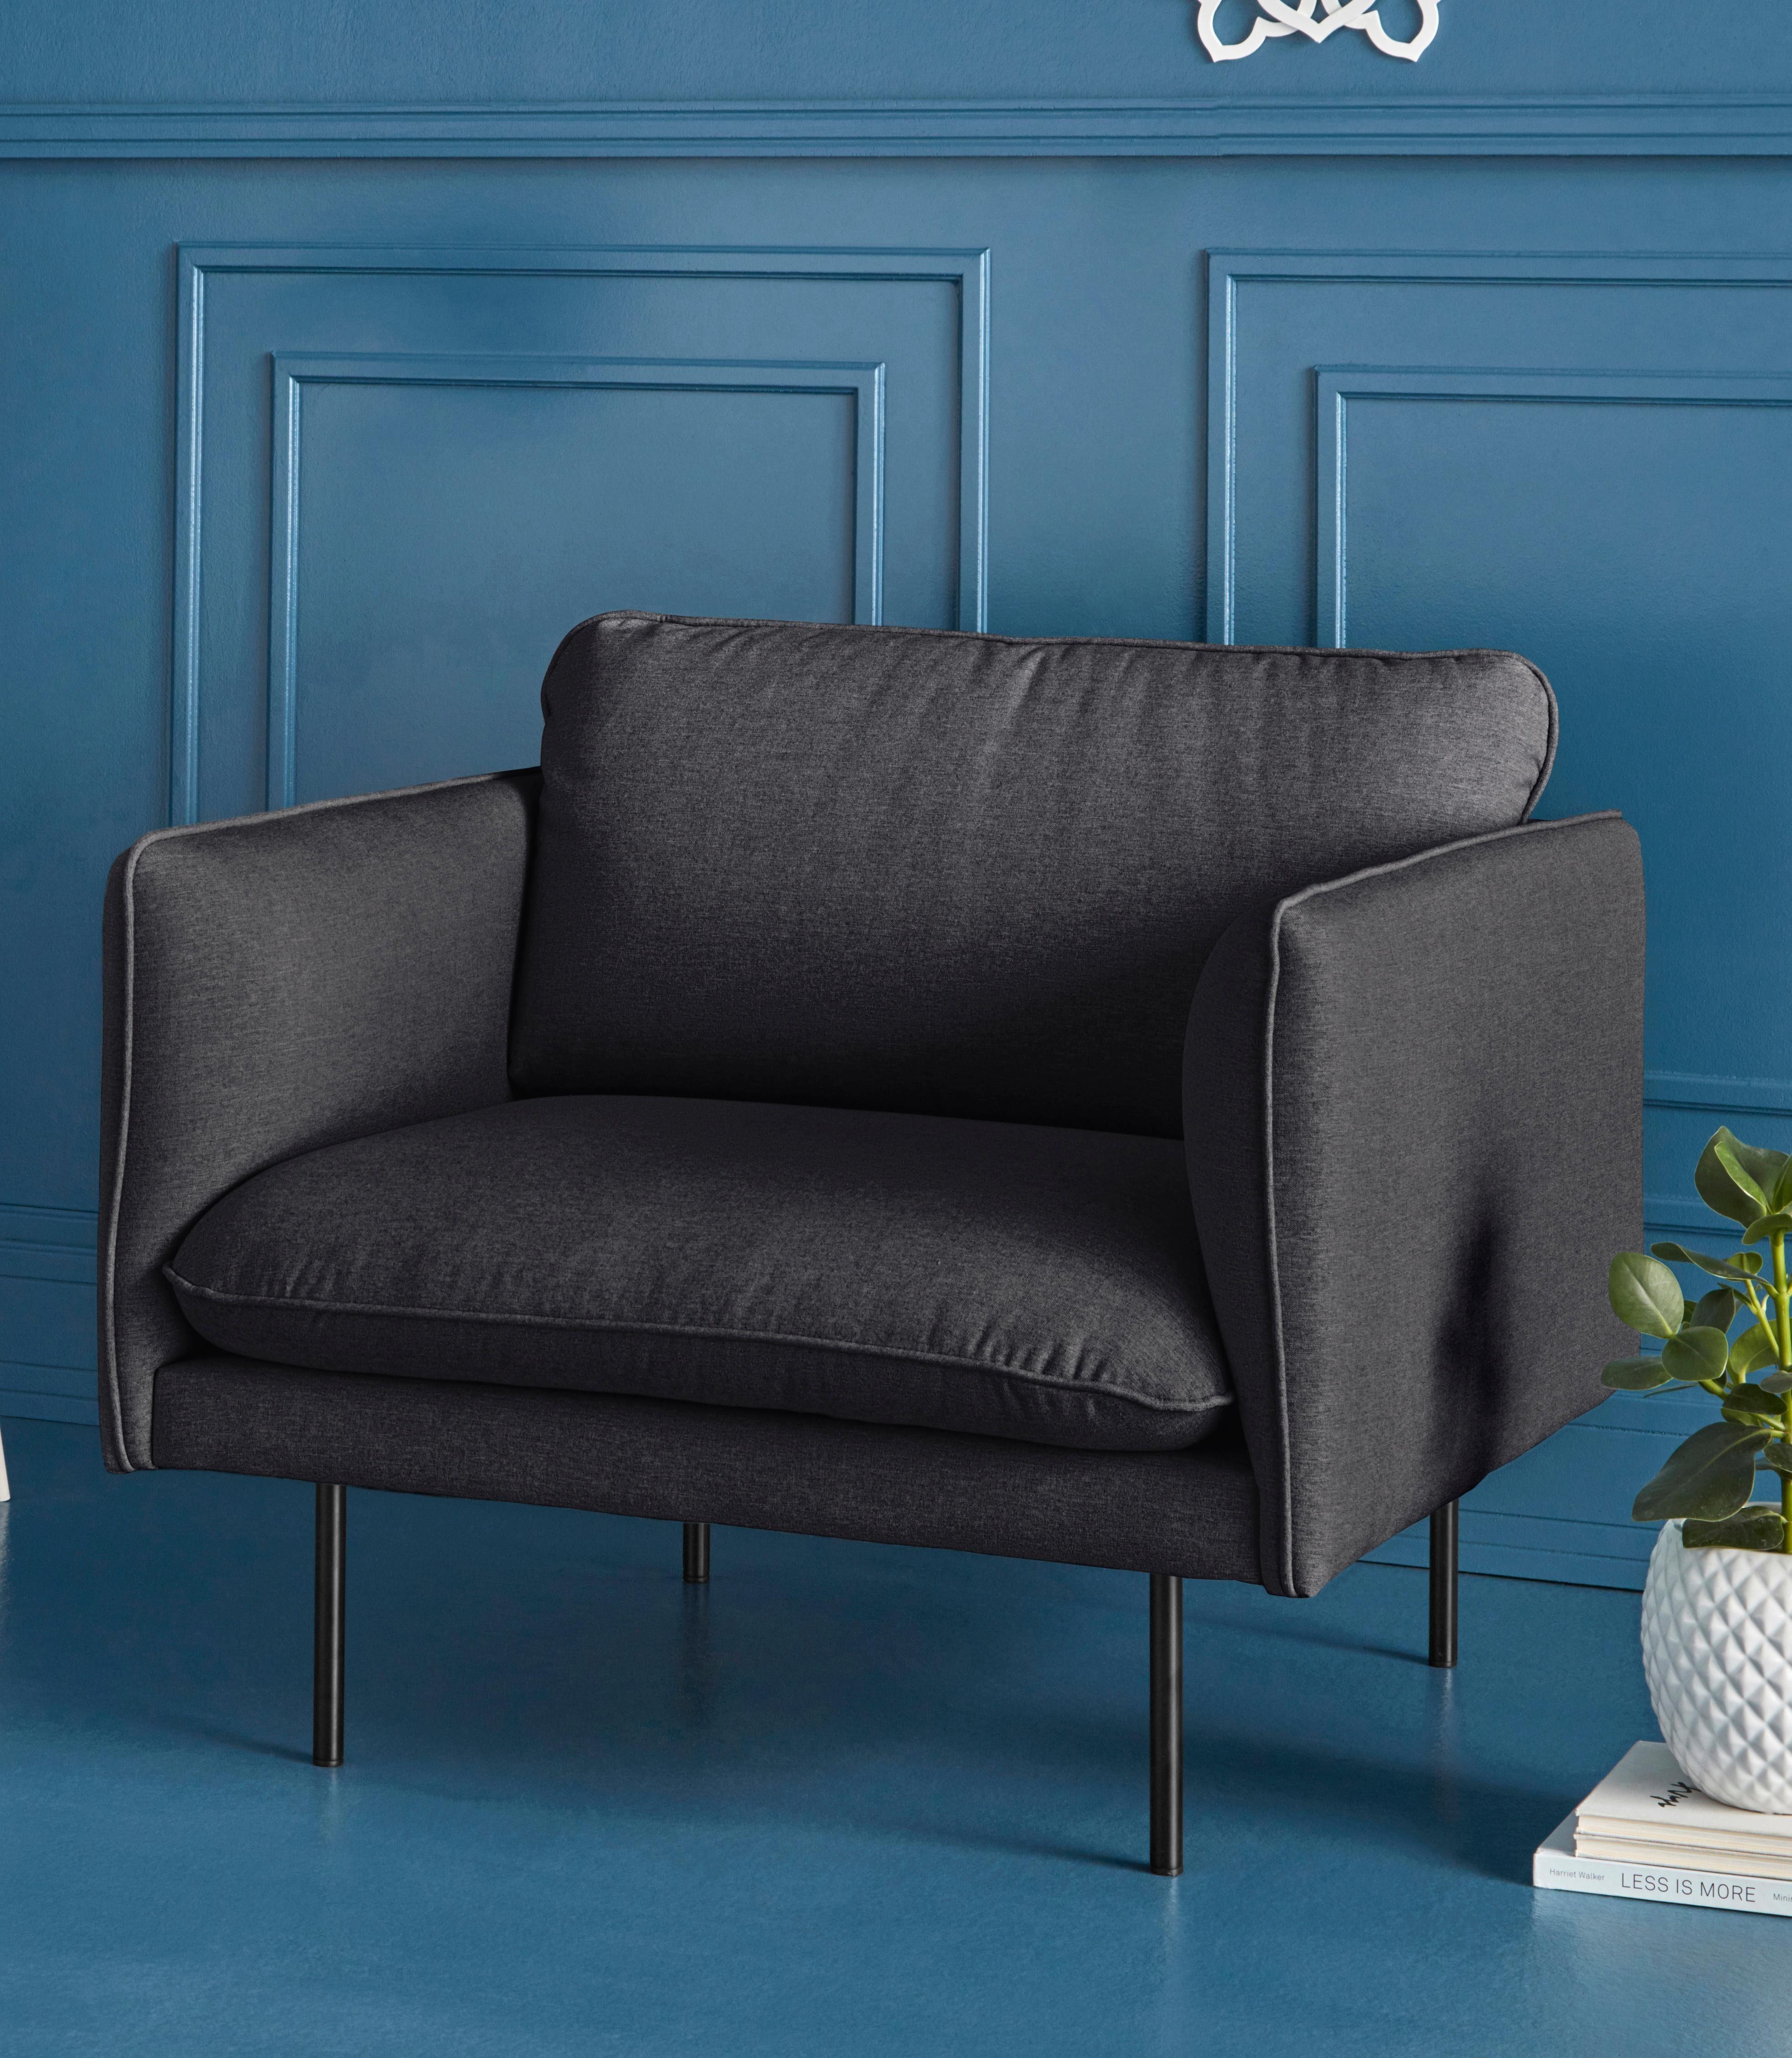 COUCH♥ Sessel »Levon«, in moderner Optik, mit Metallbeinen